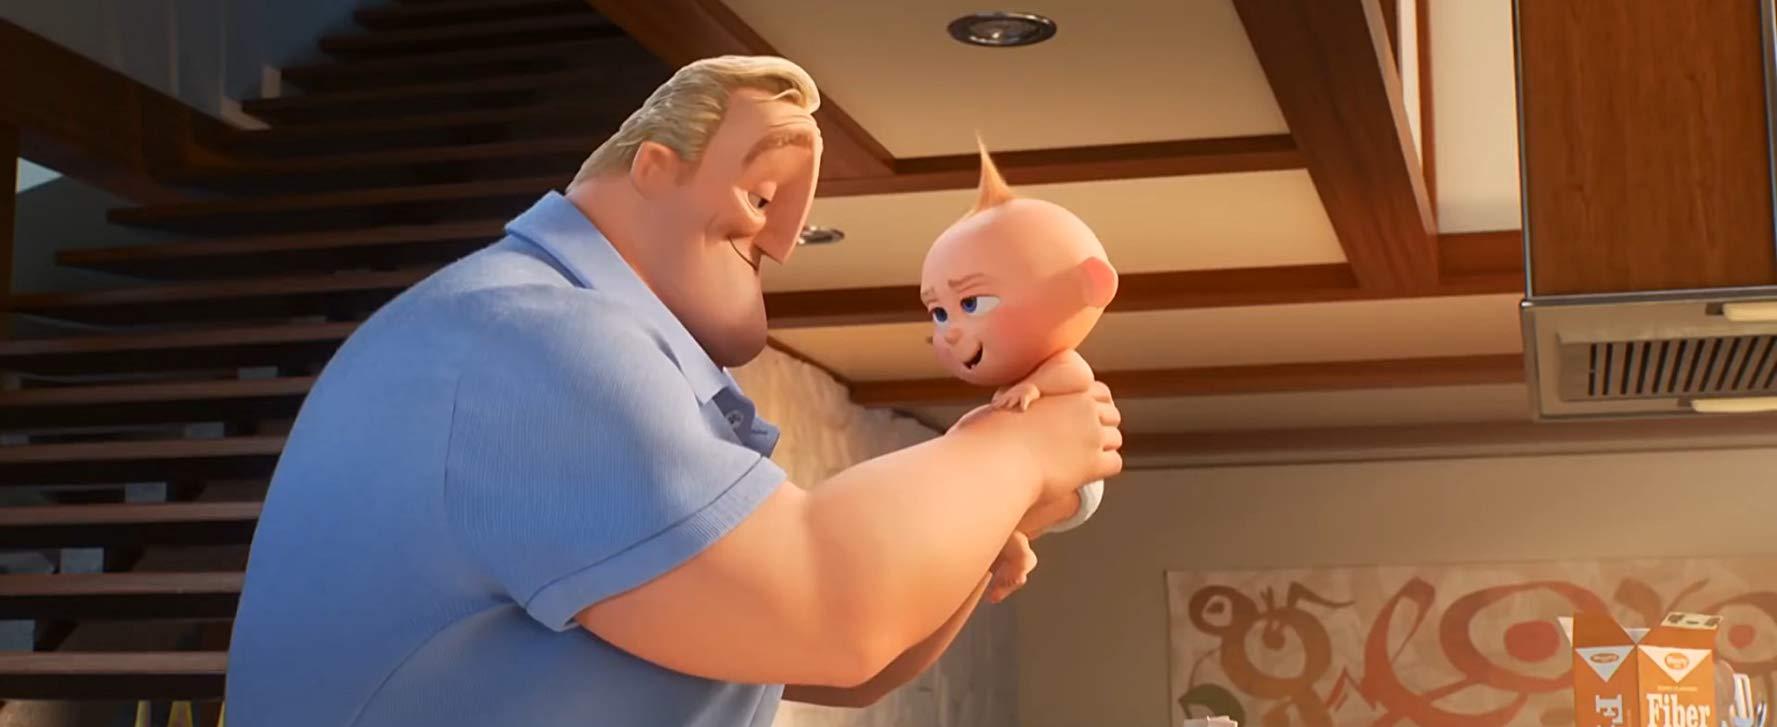 良きパパとしてがんばるボブの姿にも注目